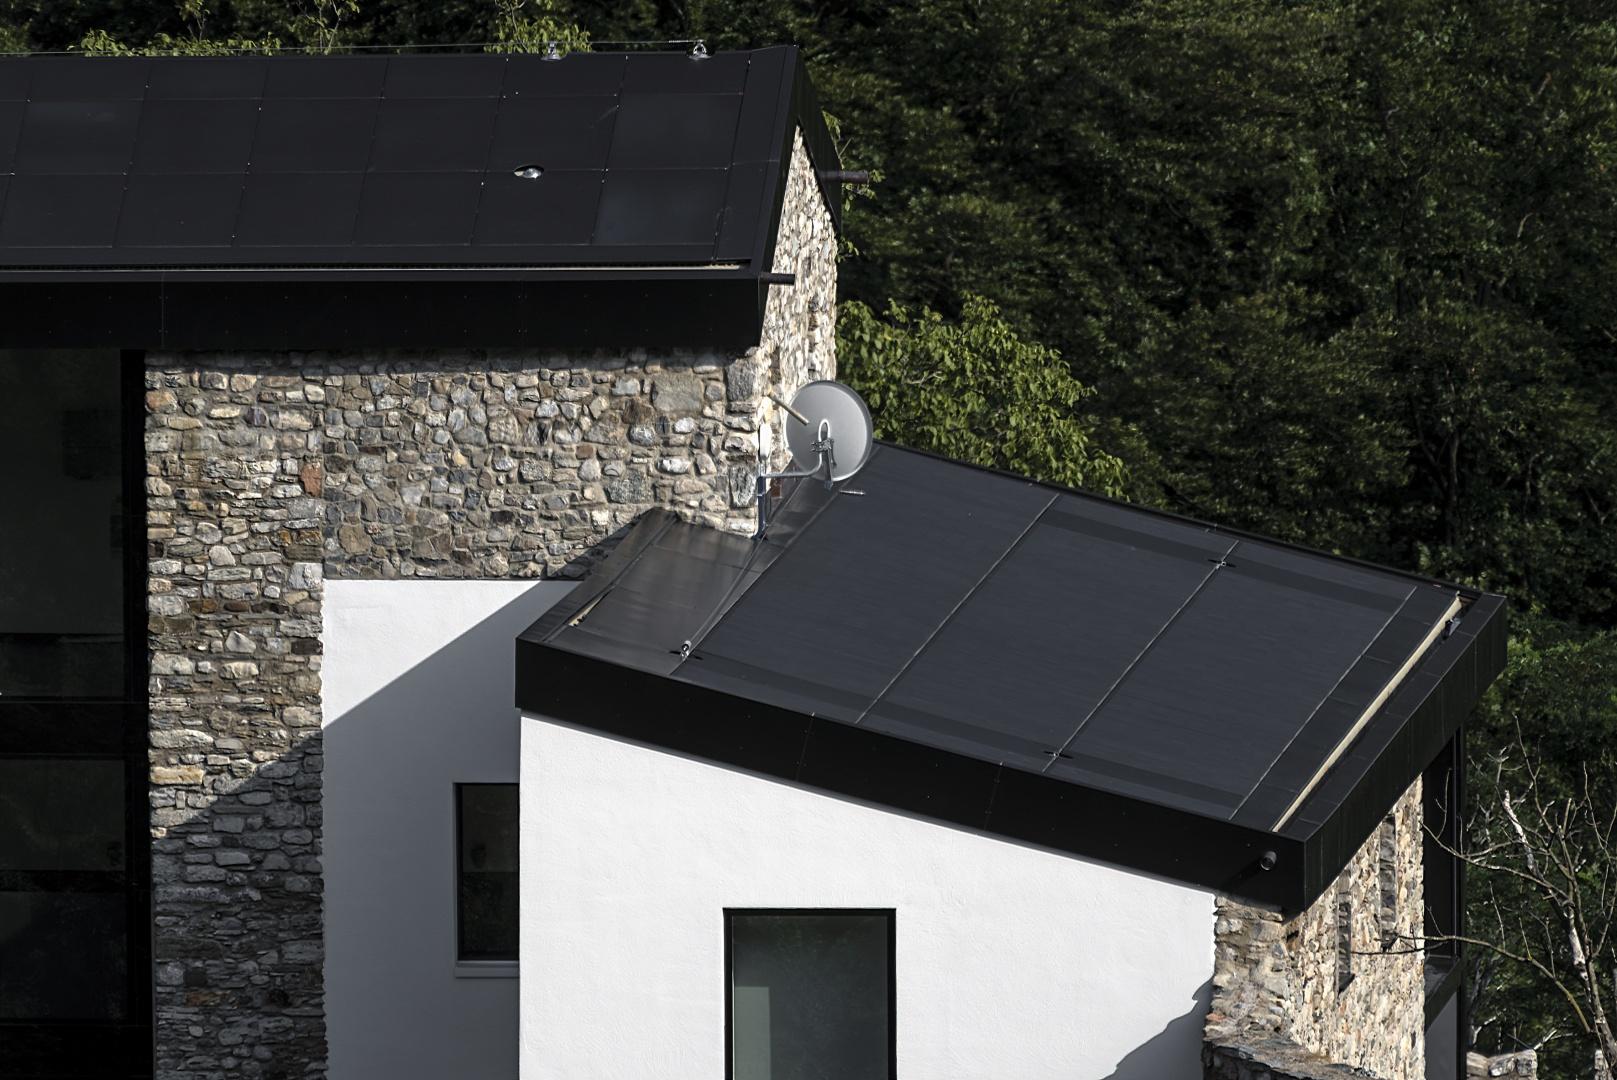 Dächer © deltaZERO, CH-Paradiso | L. Carugo, I-Nerviano